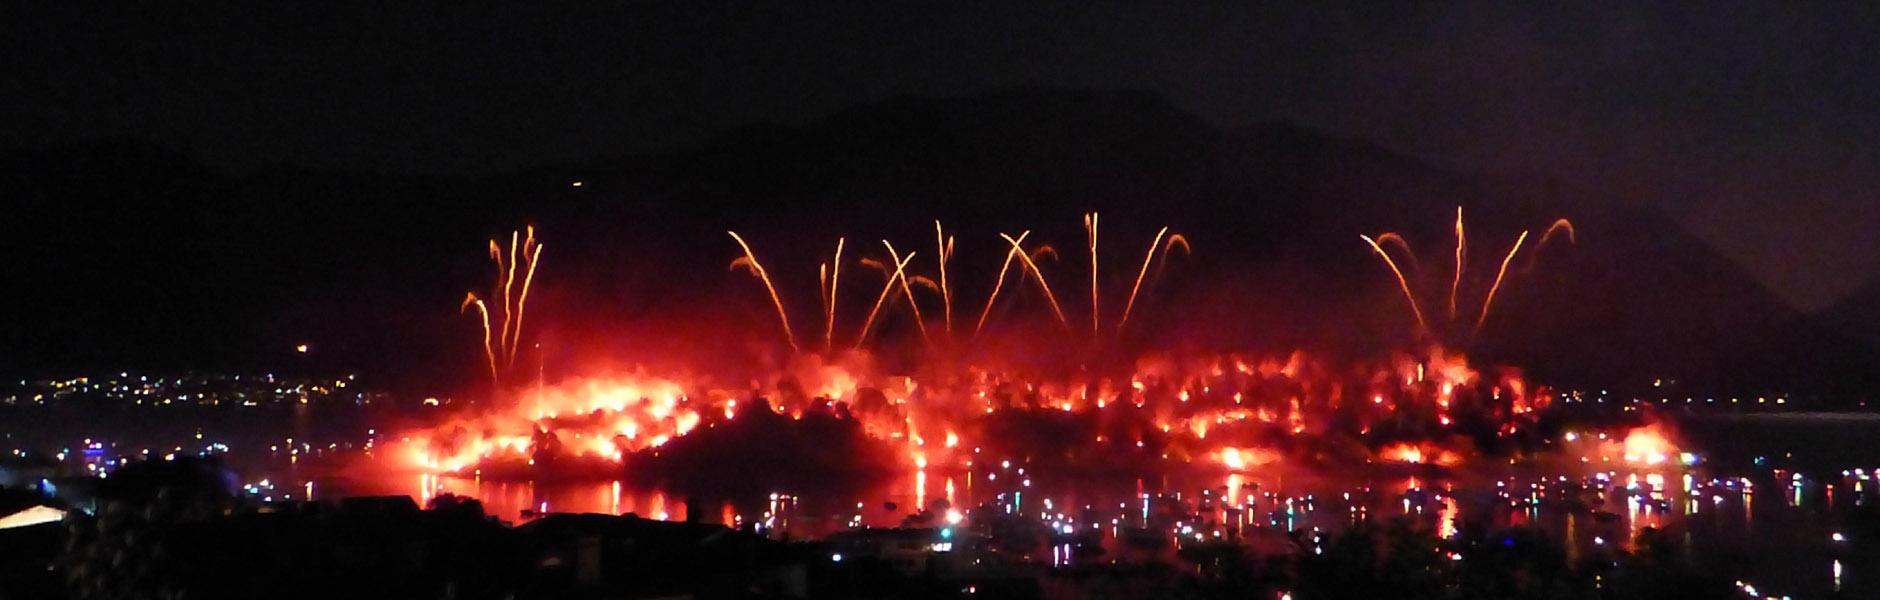 Incendio-dell-Isola-Comacina-Sagra-S-Giovanni-2015-lago-di-Como